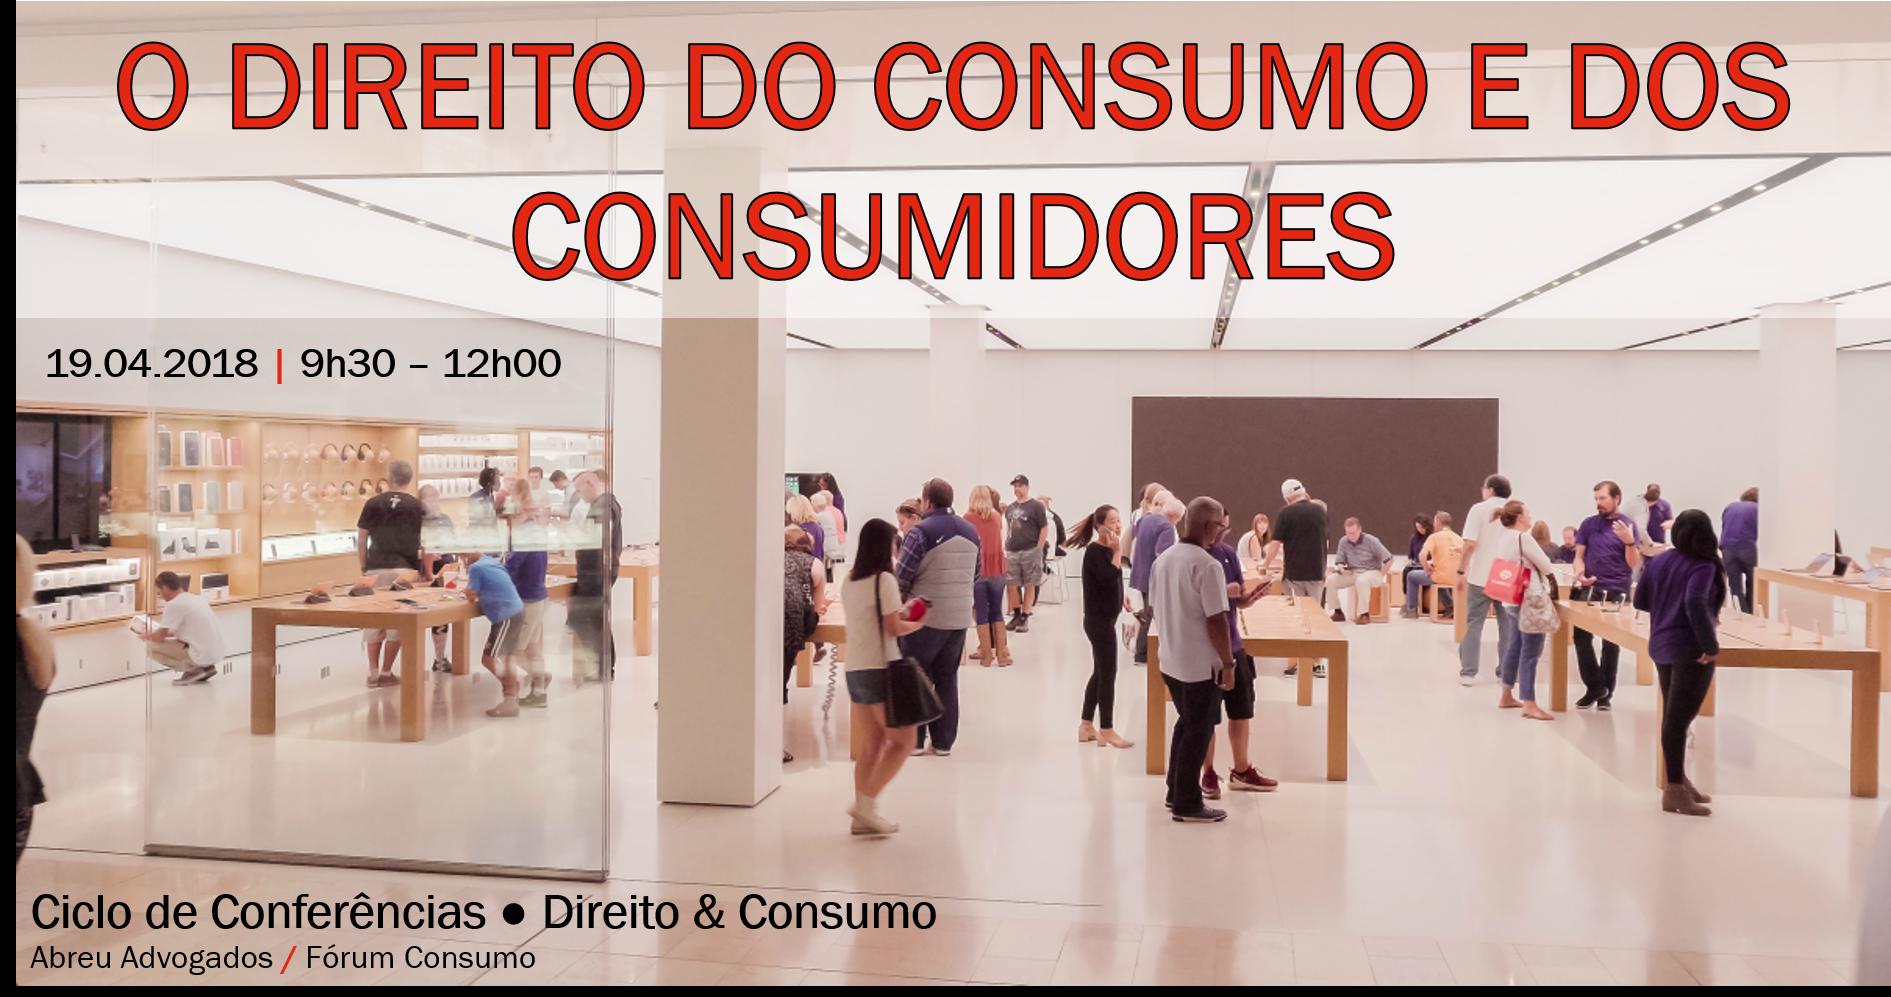 Ciclo de Conferências Direito & Consumo